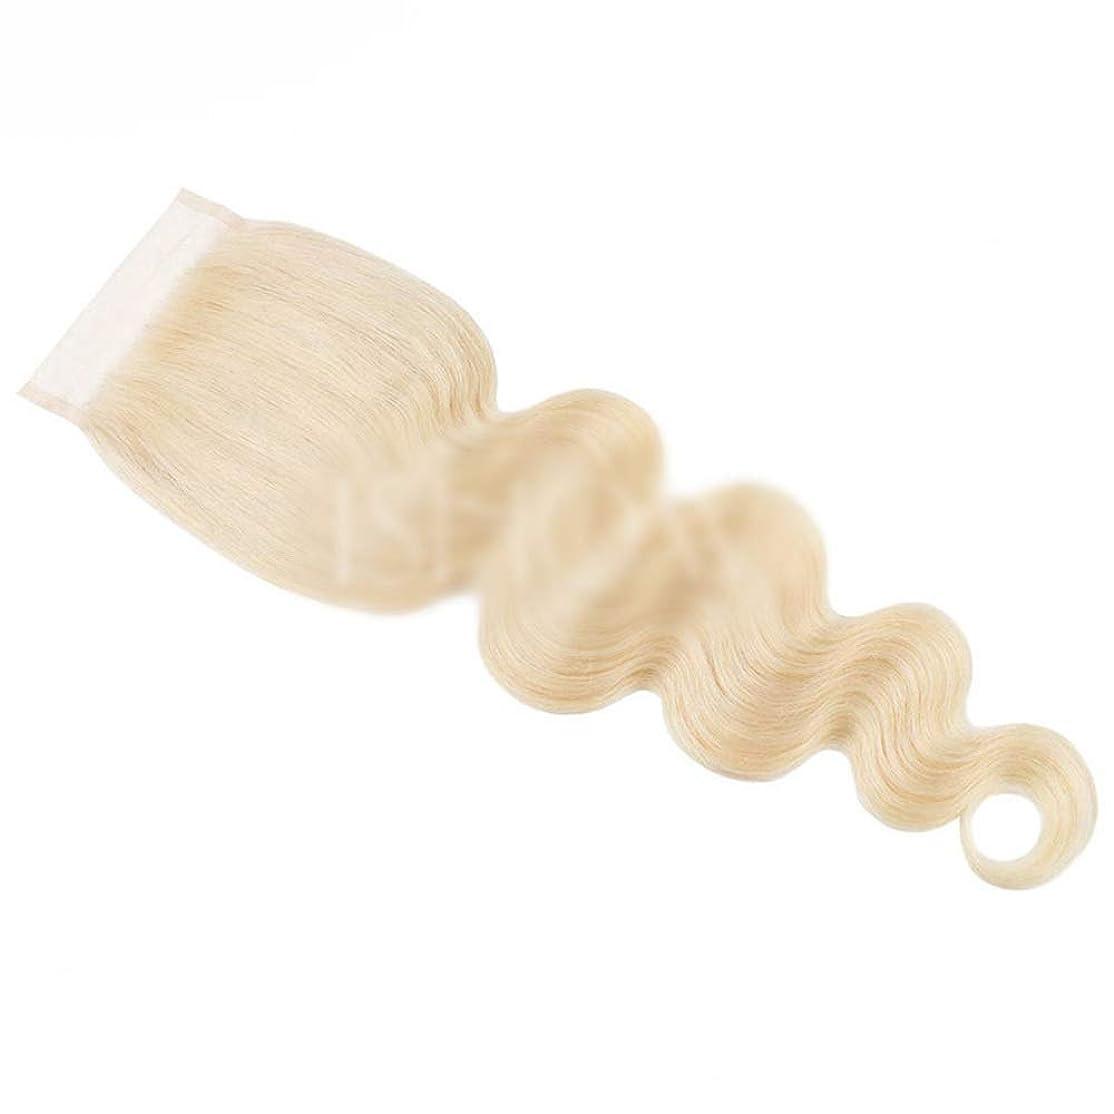 パドル原始的な収まるYESONEEP ブロンドの髪4×4実体波ブラジルレース閉鎖未処理人間の髪ロールプレイングかつら女性のかつら (色 : Blonde, サイズ : 10 inch)